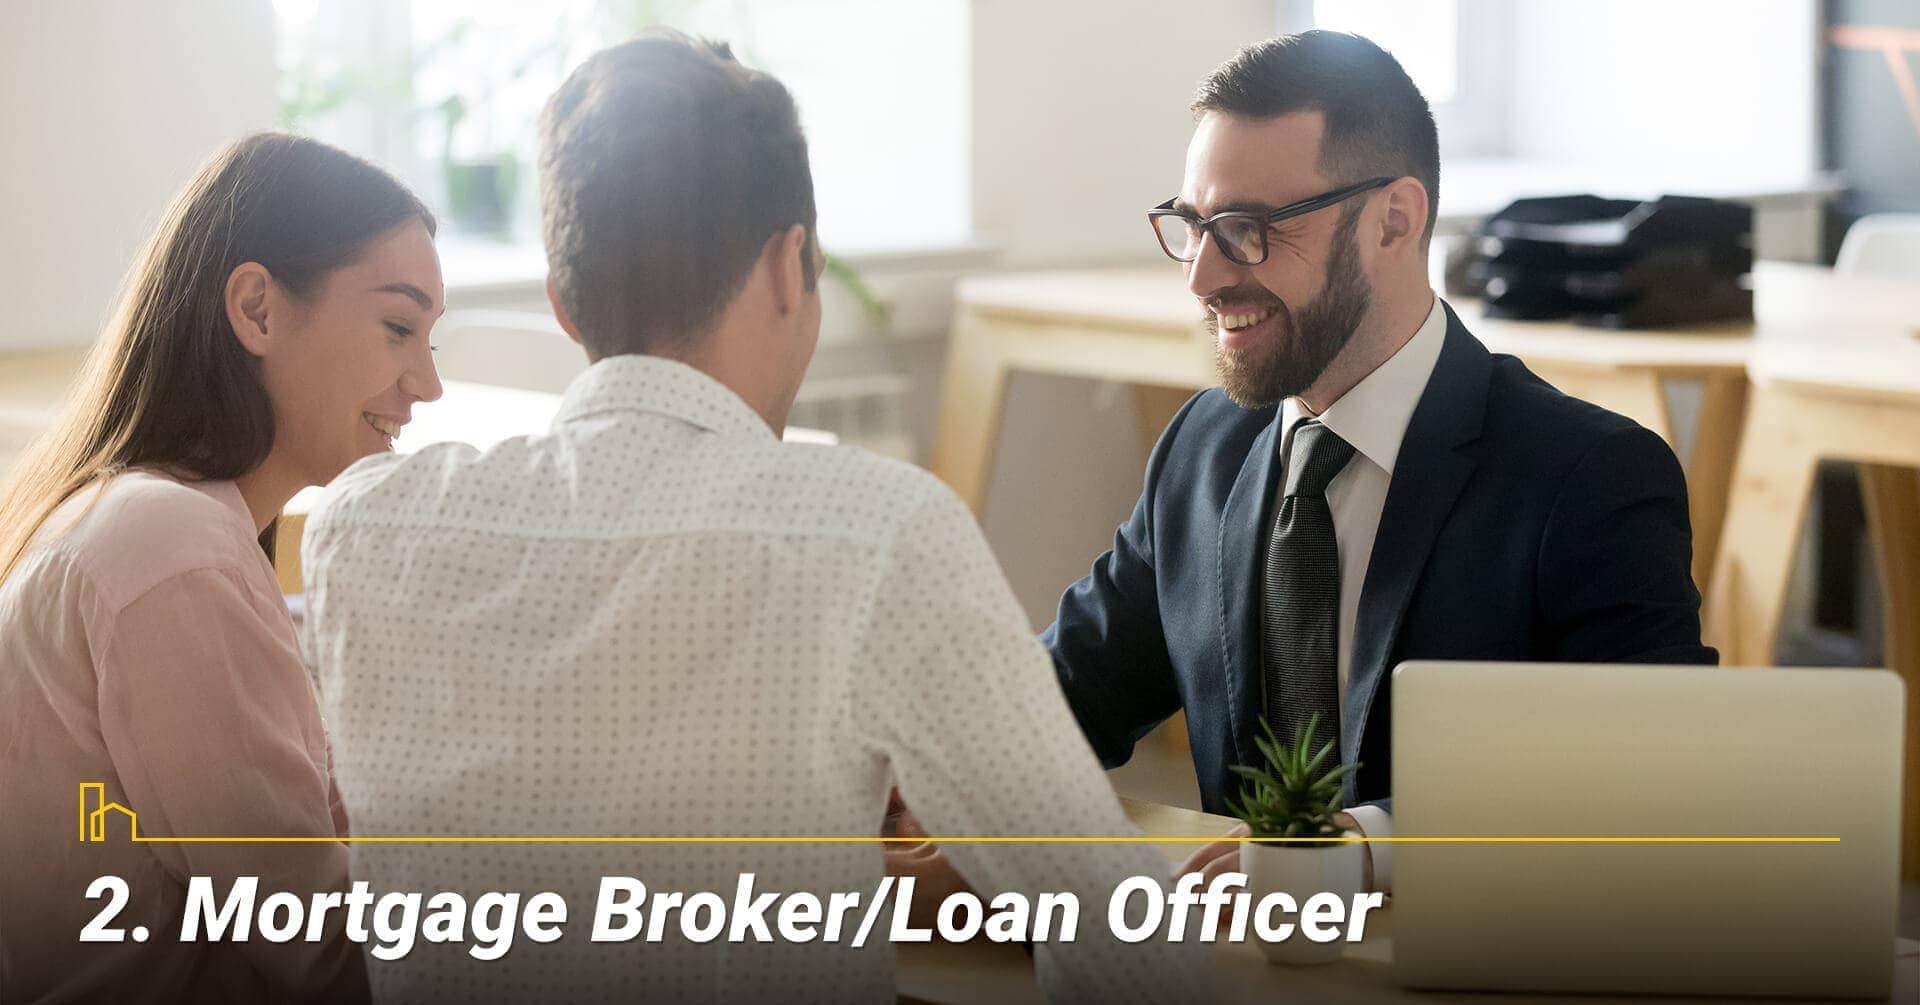 Mortgage Broker/Loan Officer